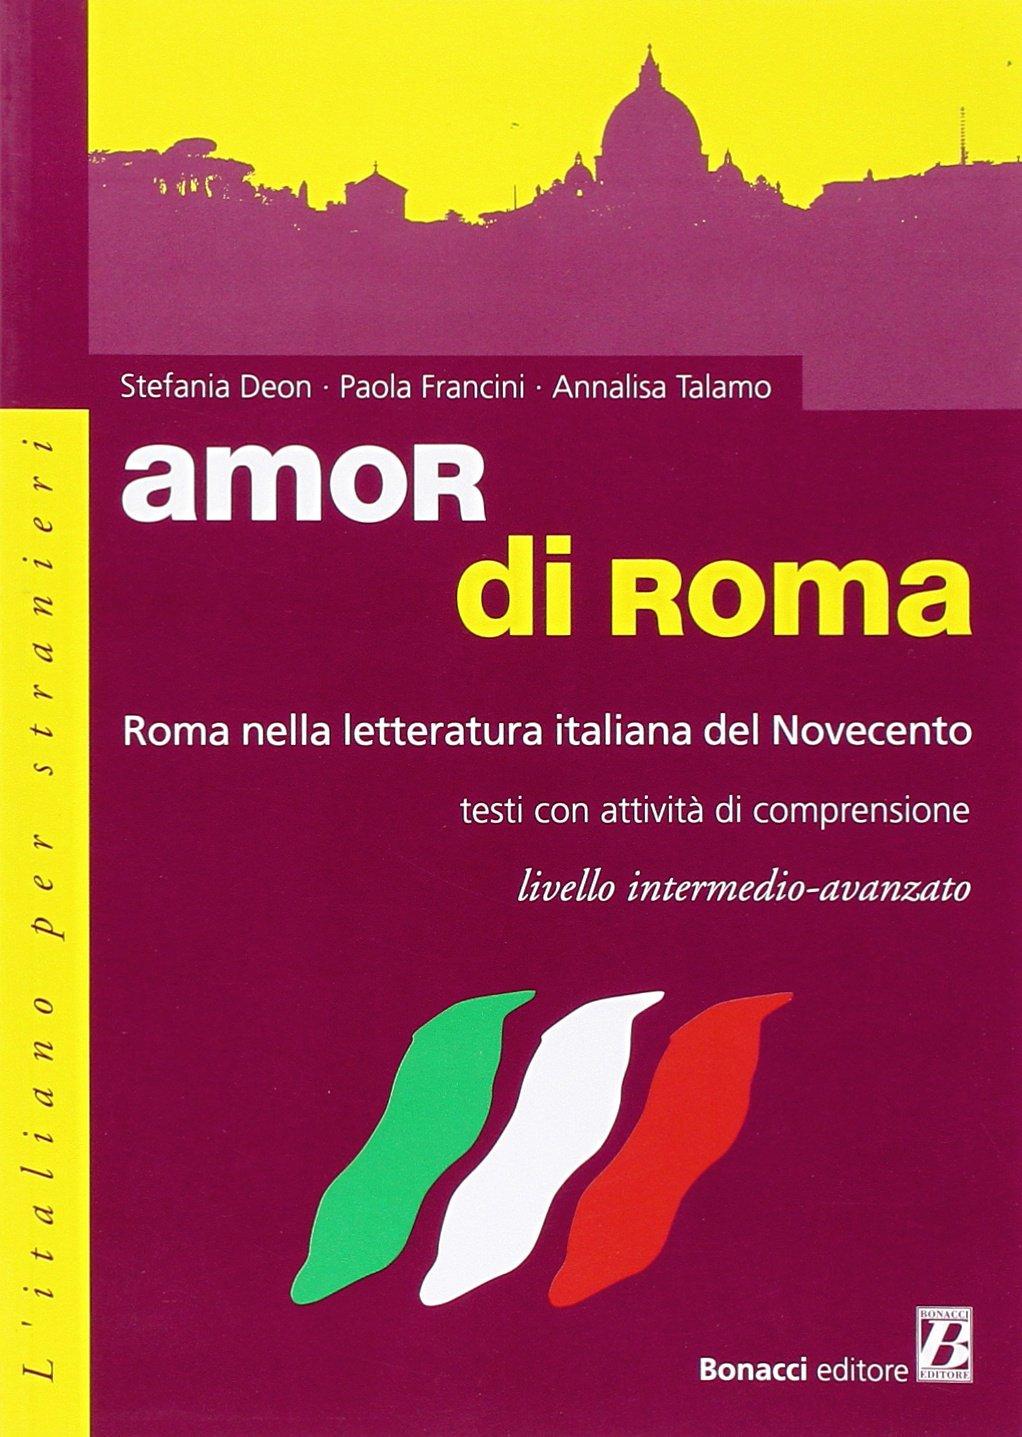 Amor di Roma: Roma nella letteratura italiana del '900: Amor di Roma